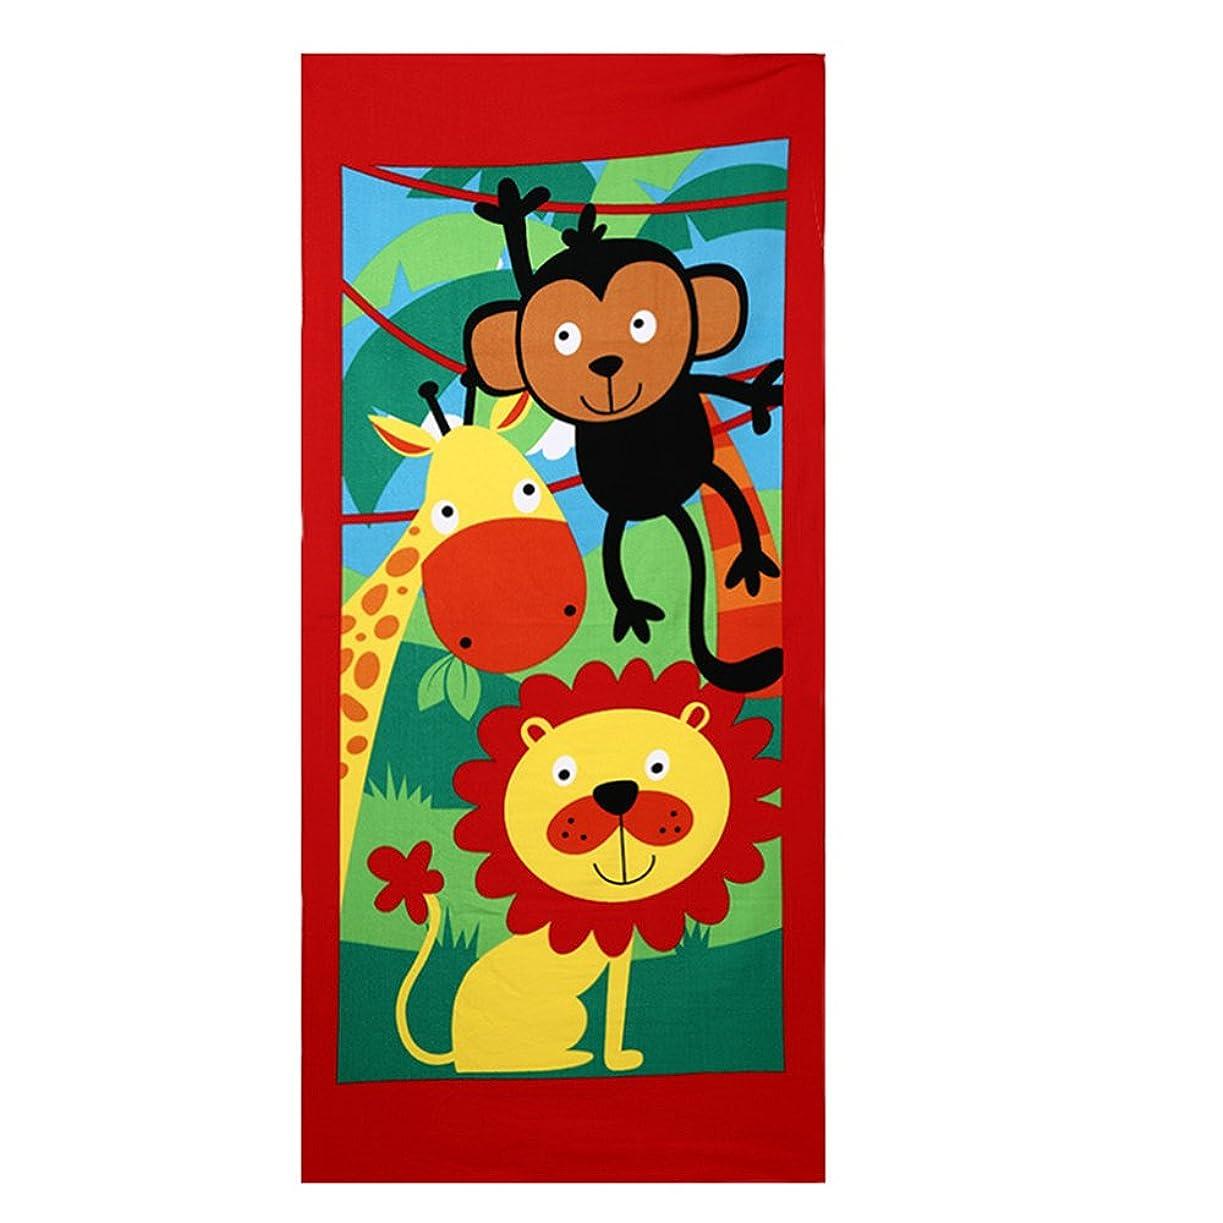 レッスンフラスコ書き込みAida Misa ビーチタオル 150cm 70cm レディースのストール ヨガざぶとん 250g 軽いタオル 子供用 猿 キリン ライオン 動物 可愛いタオル レジャーシート 運動会